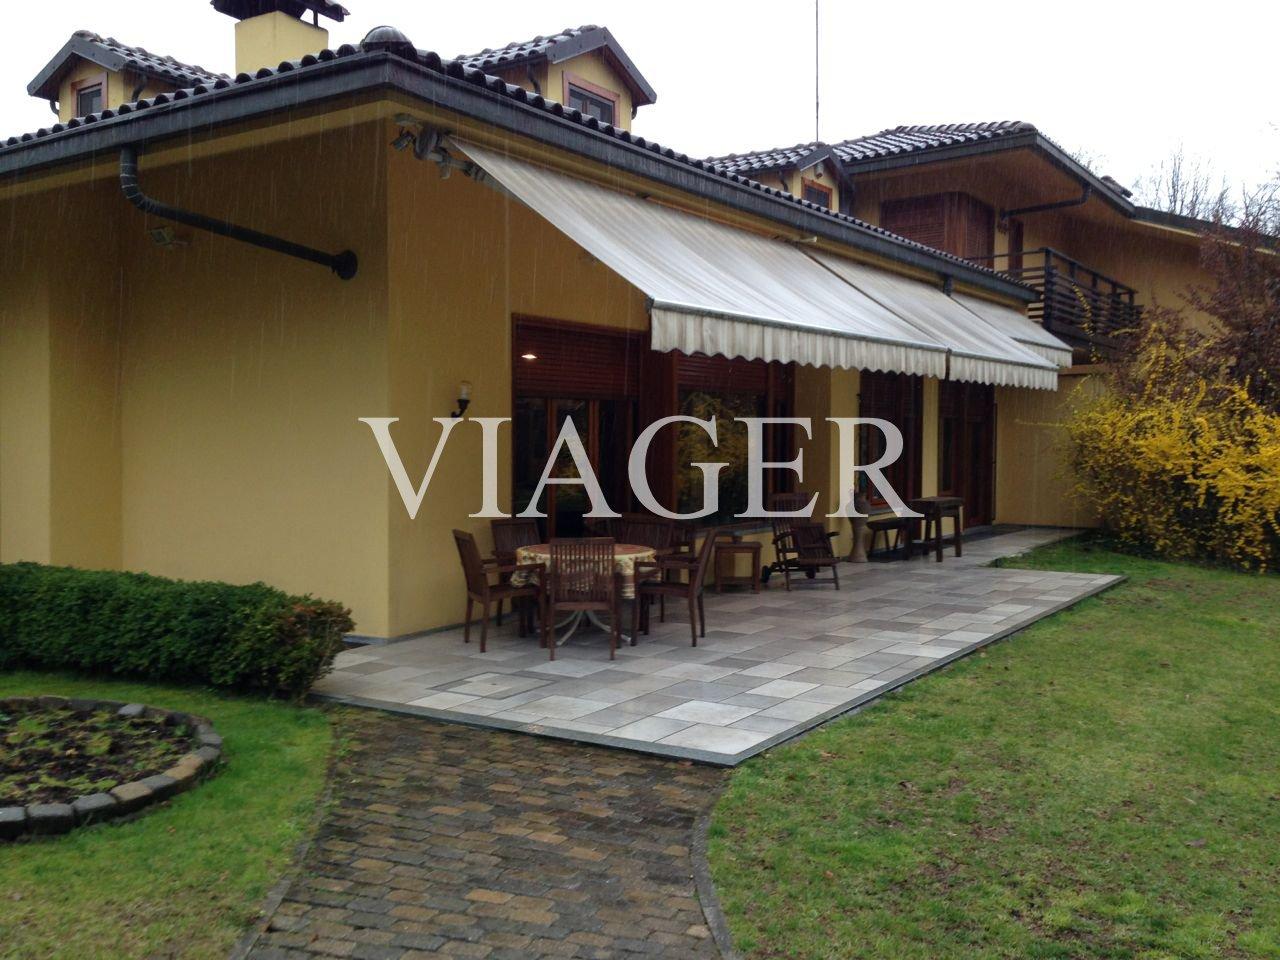 http://www.viager.it/public/Vgr-1177-10363_g.jpg